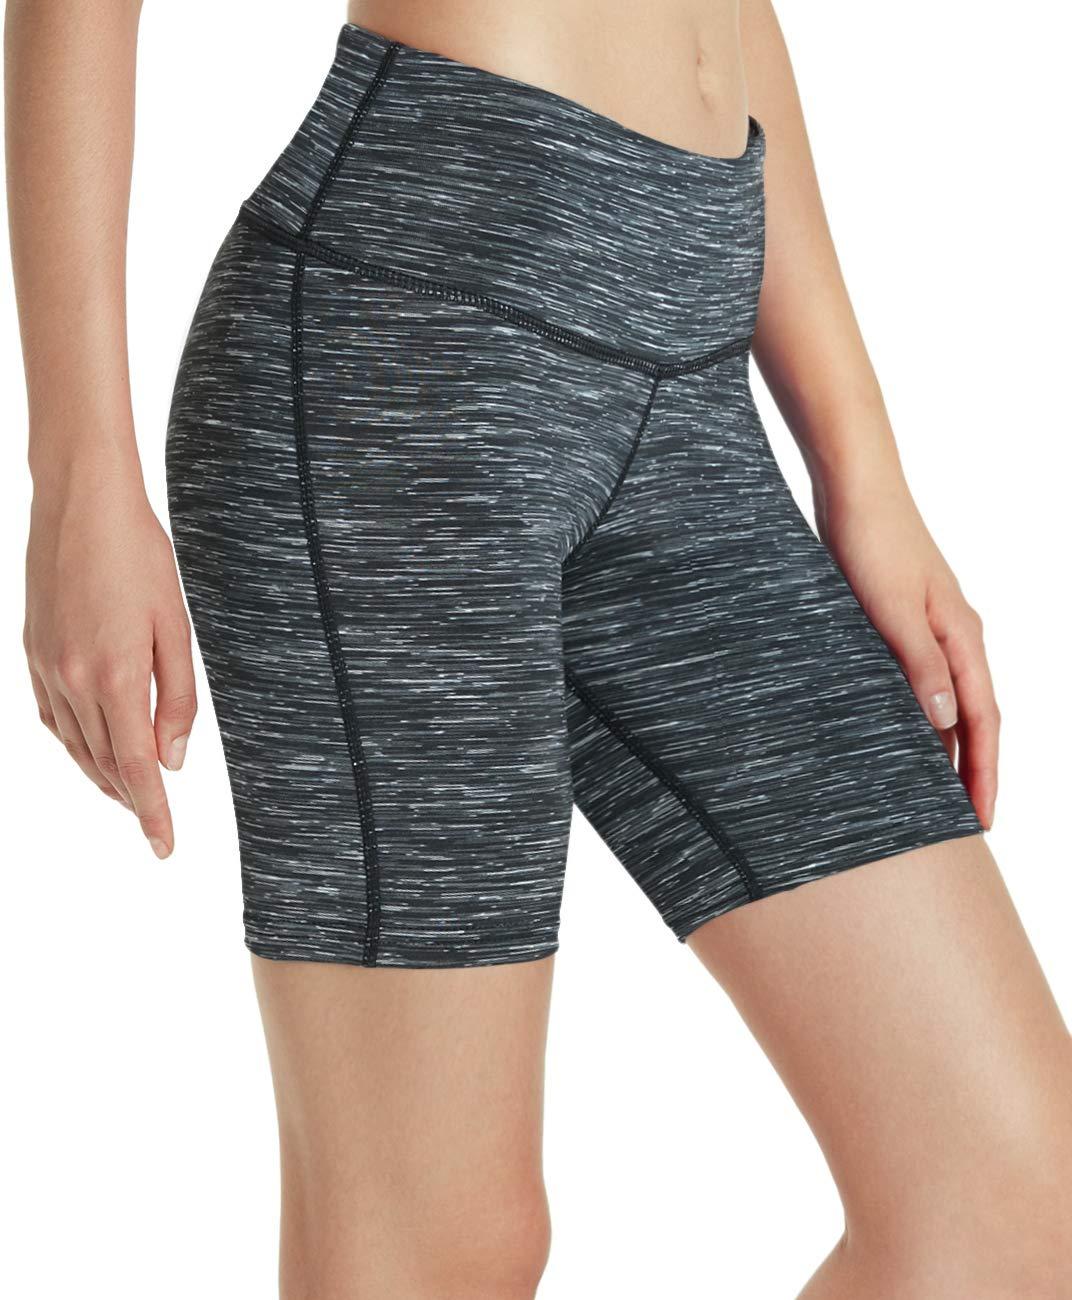 TSLA Womens High Waisted Bike Shorts Workout Running Yoga Shorts with Pocket Athletic Stretch Exercise Shorts